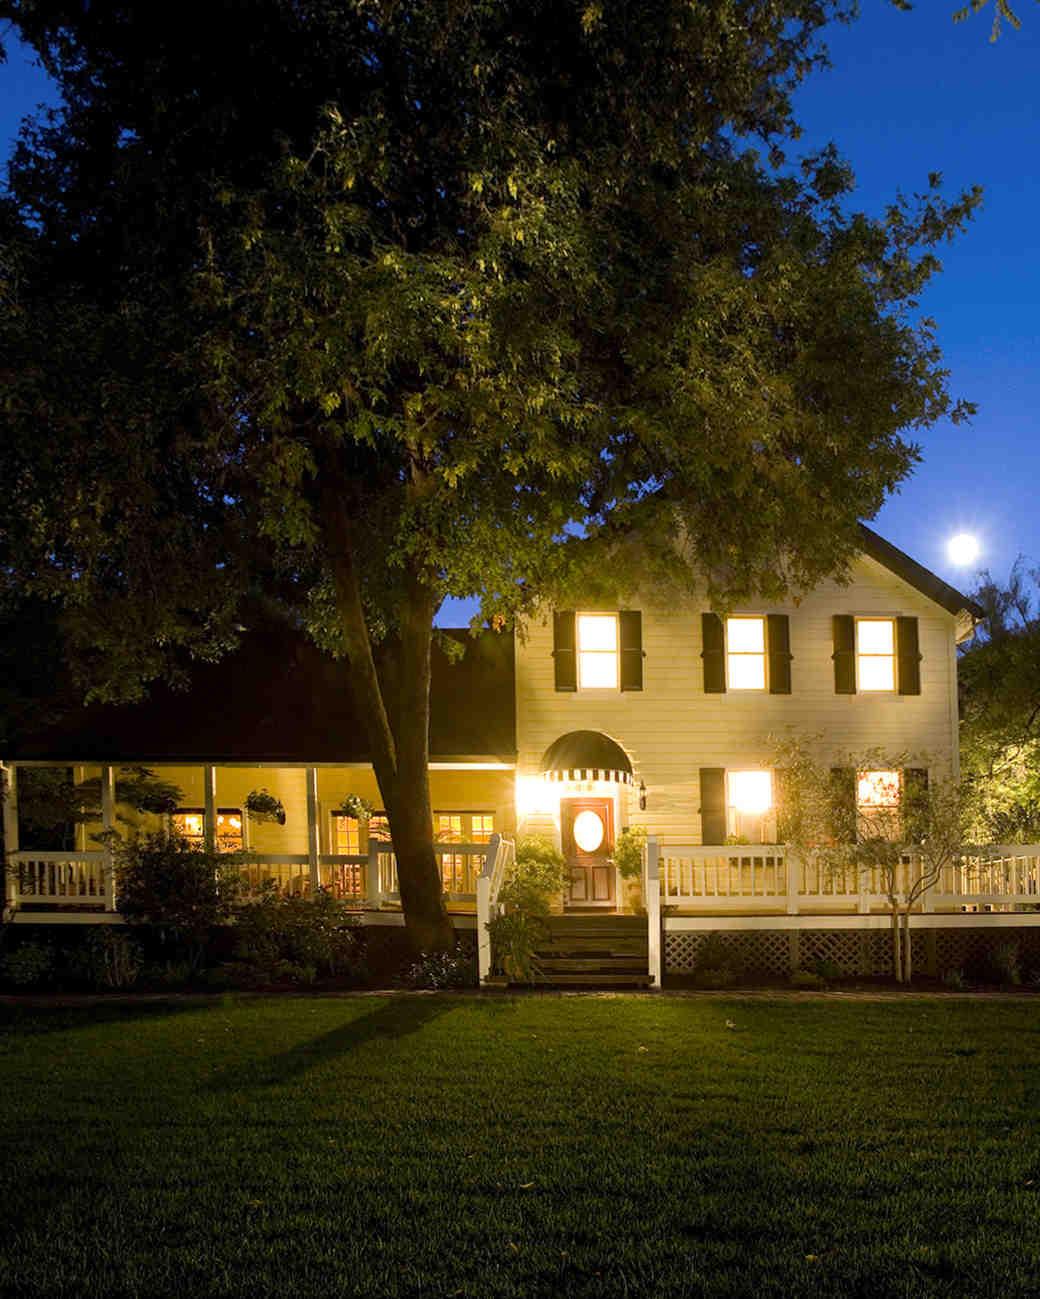 farmhouse-inn-2-mr-mrs-smith-mini-moons.jpg